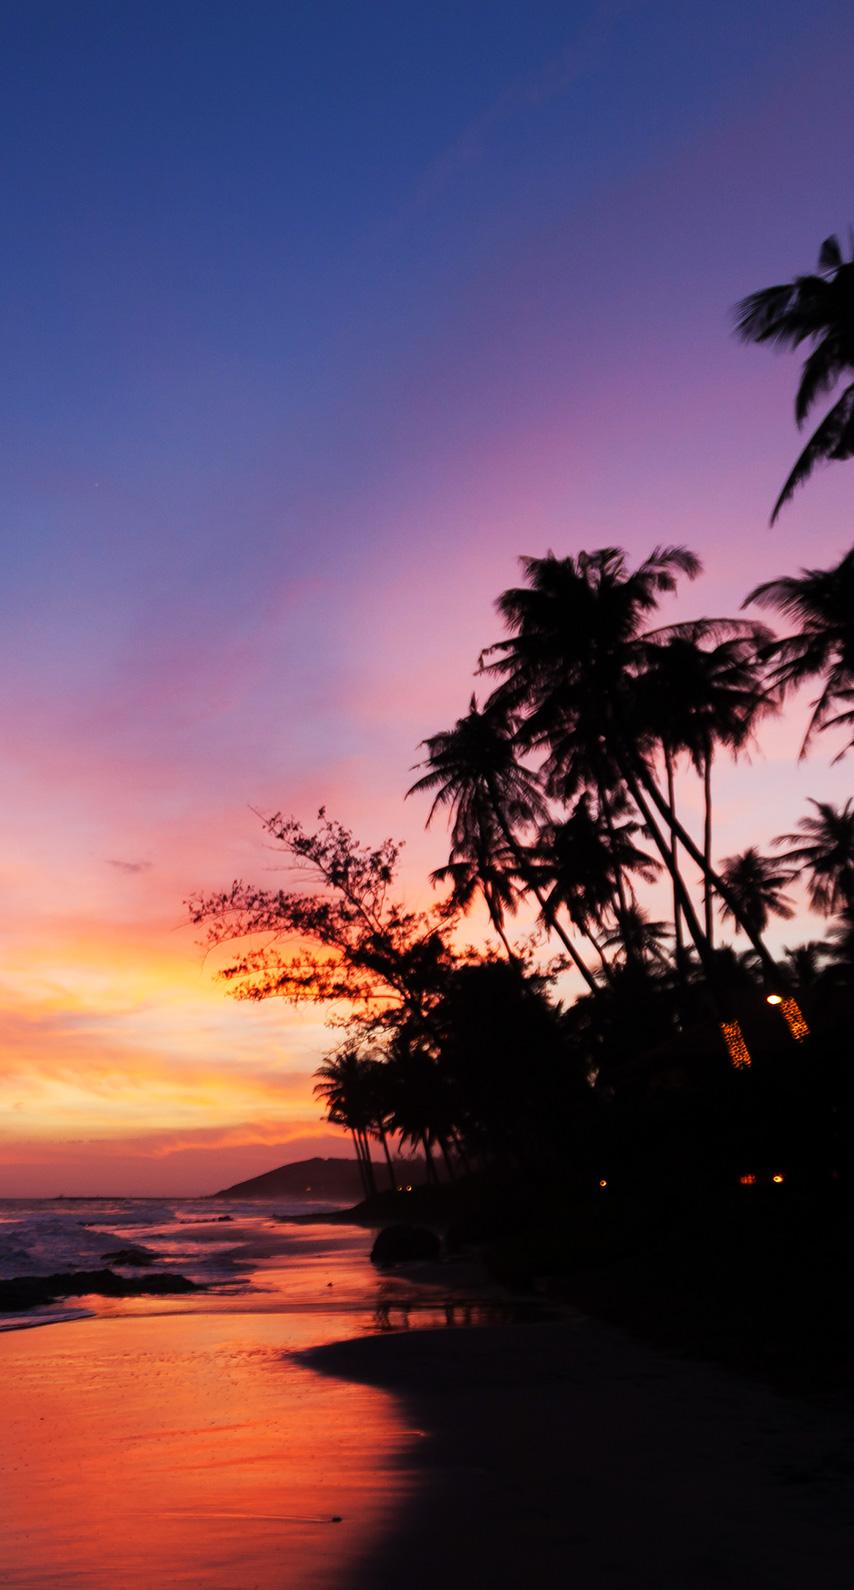 palms, night